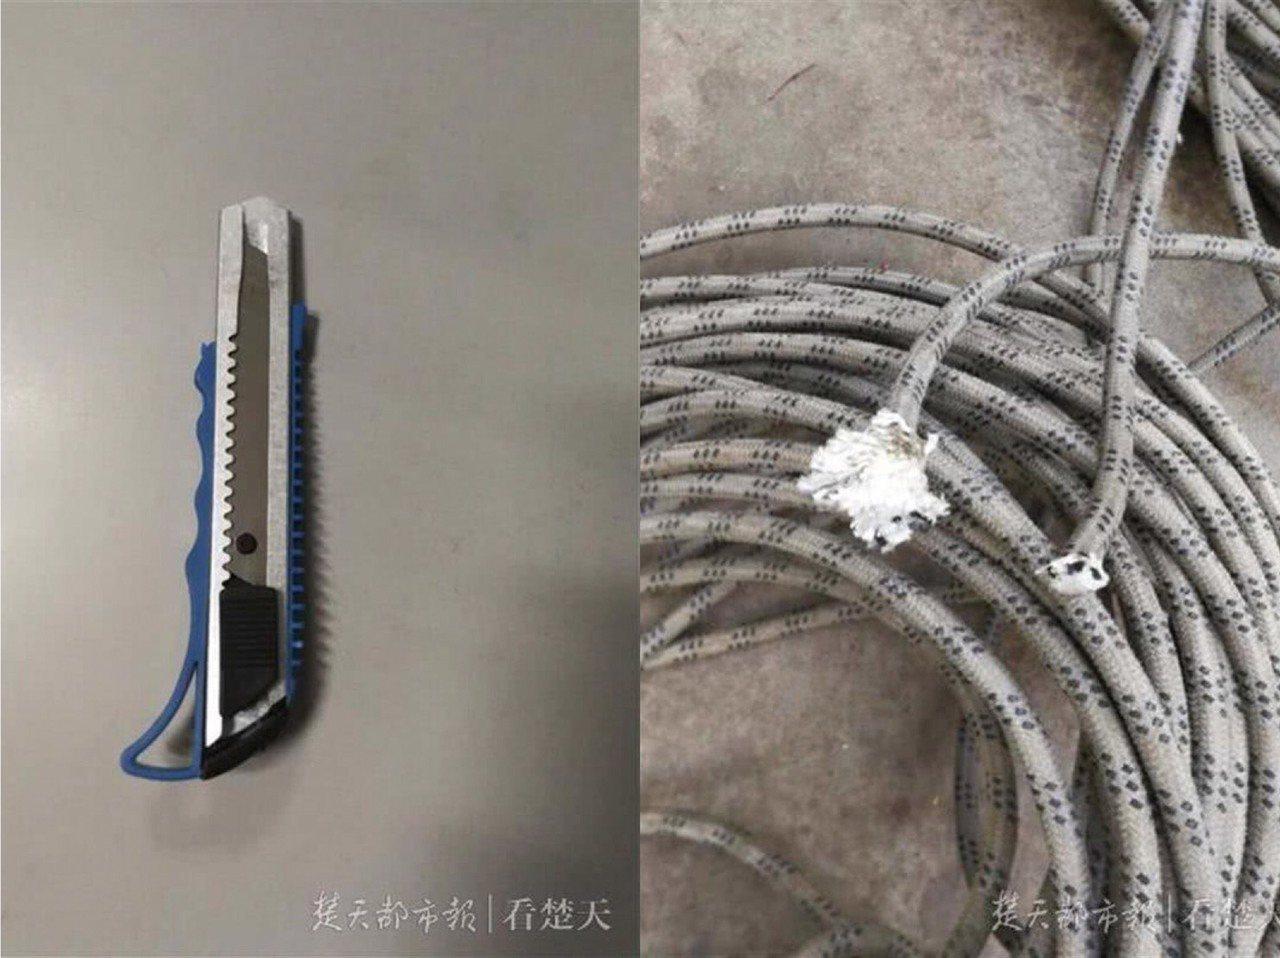 周姓師傅備用安全繩索遭割斷。圖/翻攝自楚天都市報